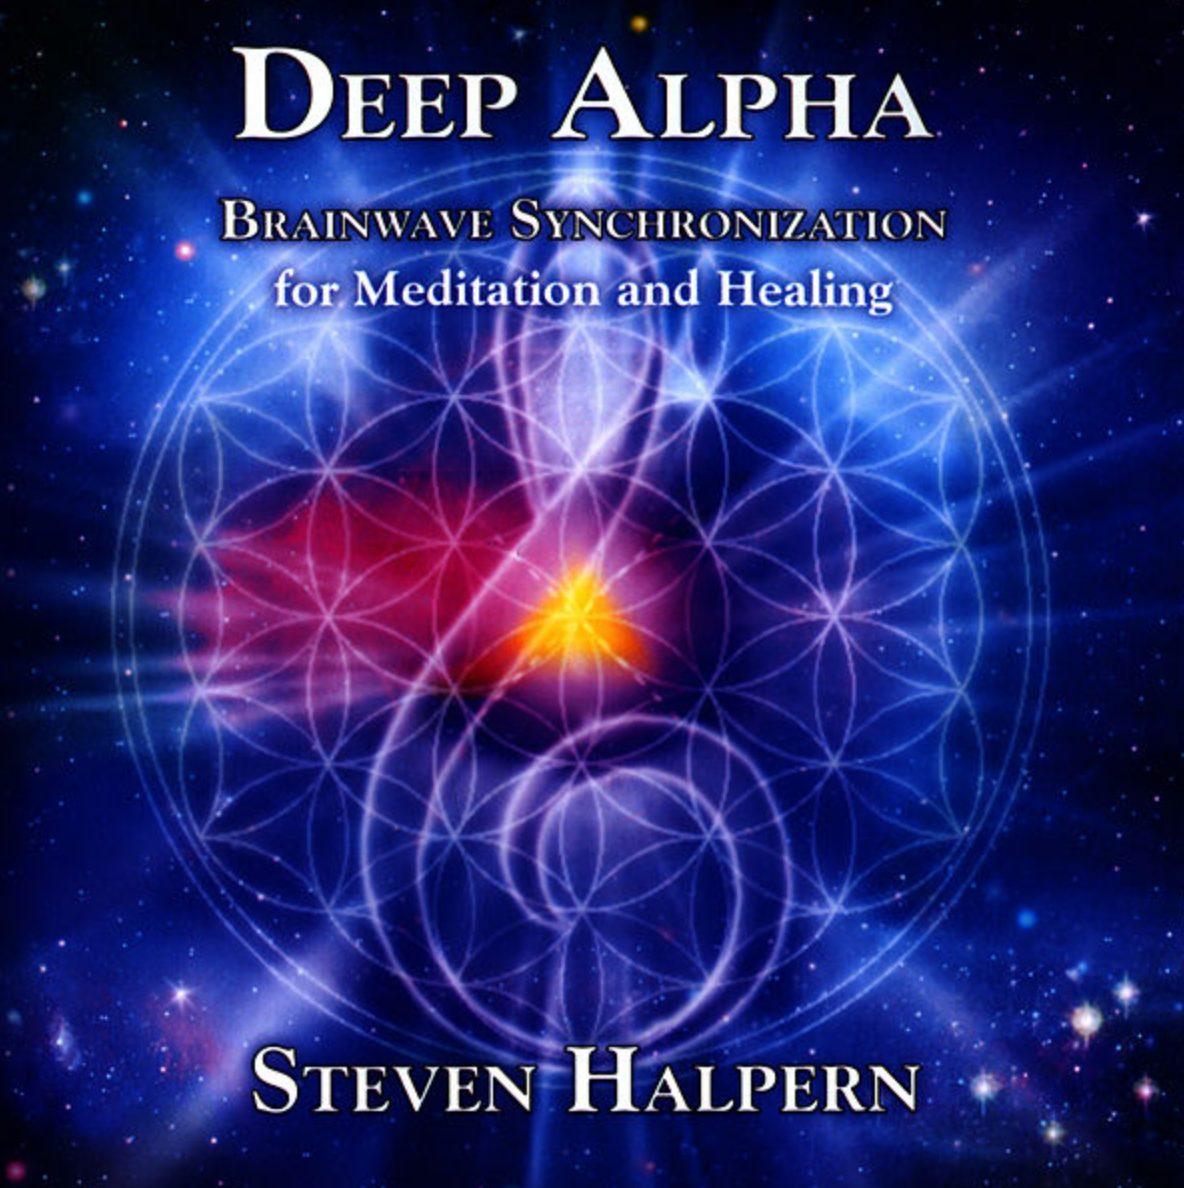 DEEP ALPHA – BY STEVEN HALPERN